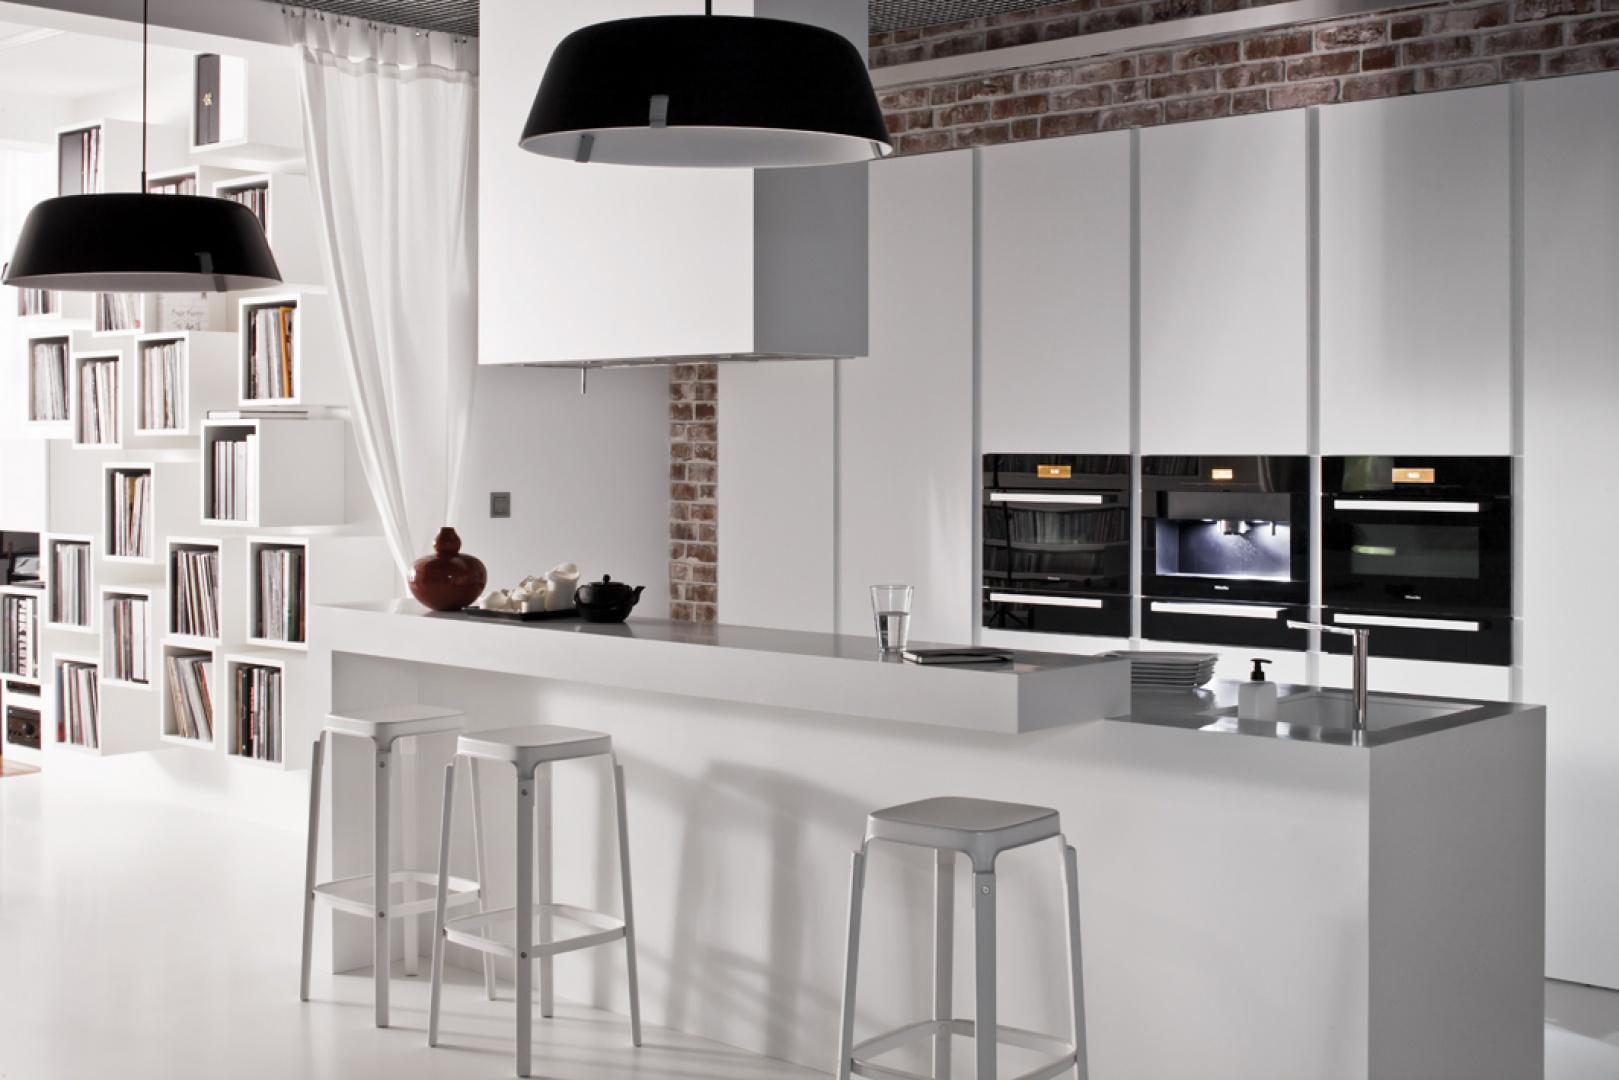 Na zdjęciu model Z4 firmy Zajc Kuchnie z wysoką zabudową wykończoną w białym macie